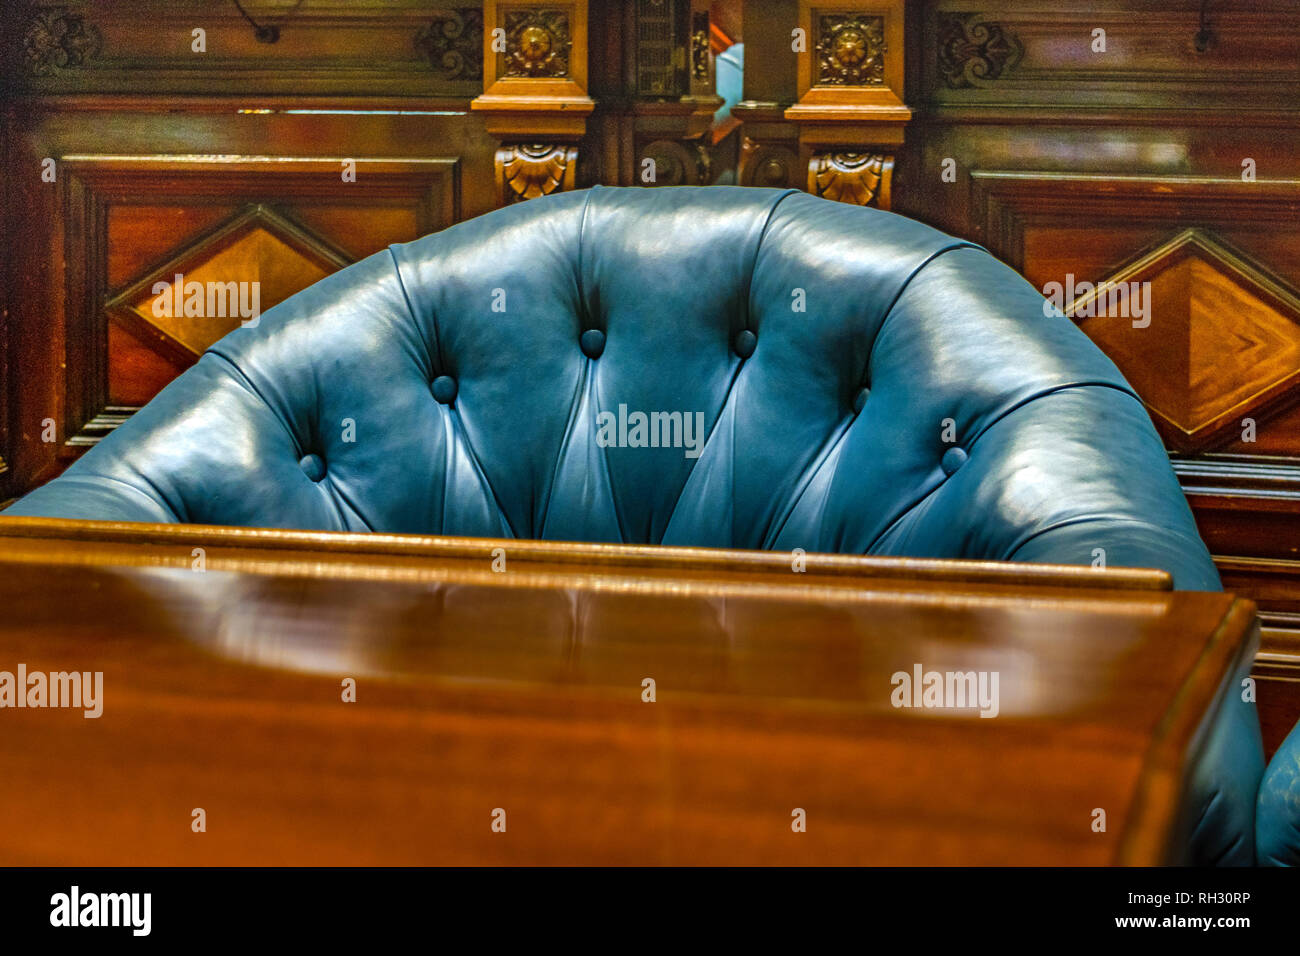 MONTEVIDEO, URUGUAY, octobre - 2018 - chambre vide de sénateurs au palais législatif de l'uruguay. Photo Stock